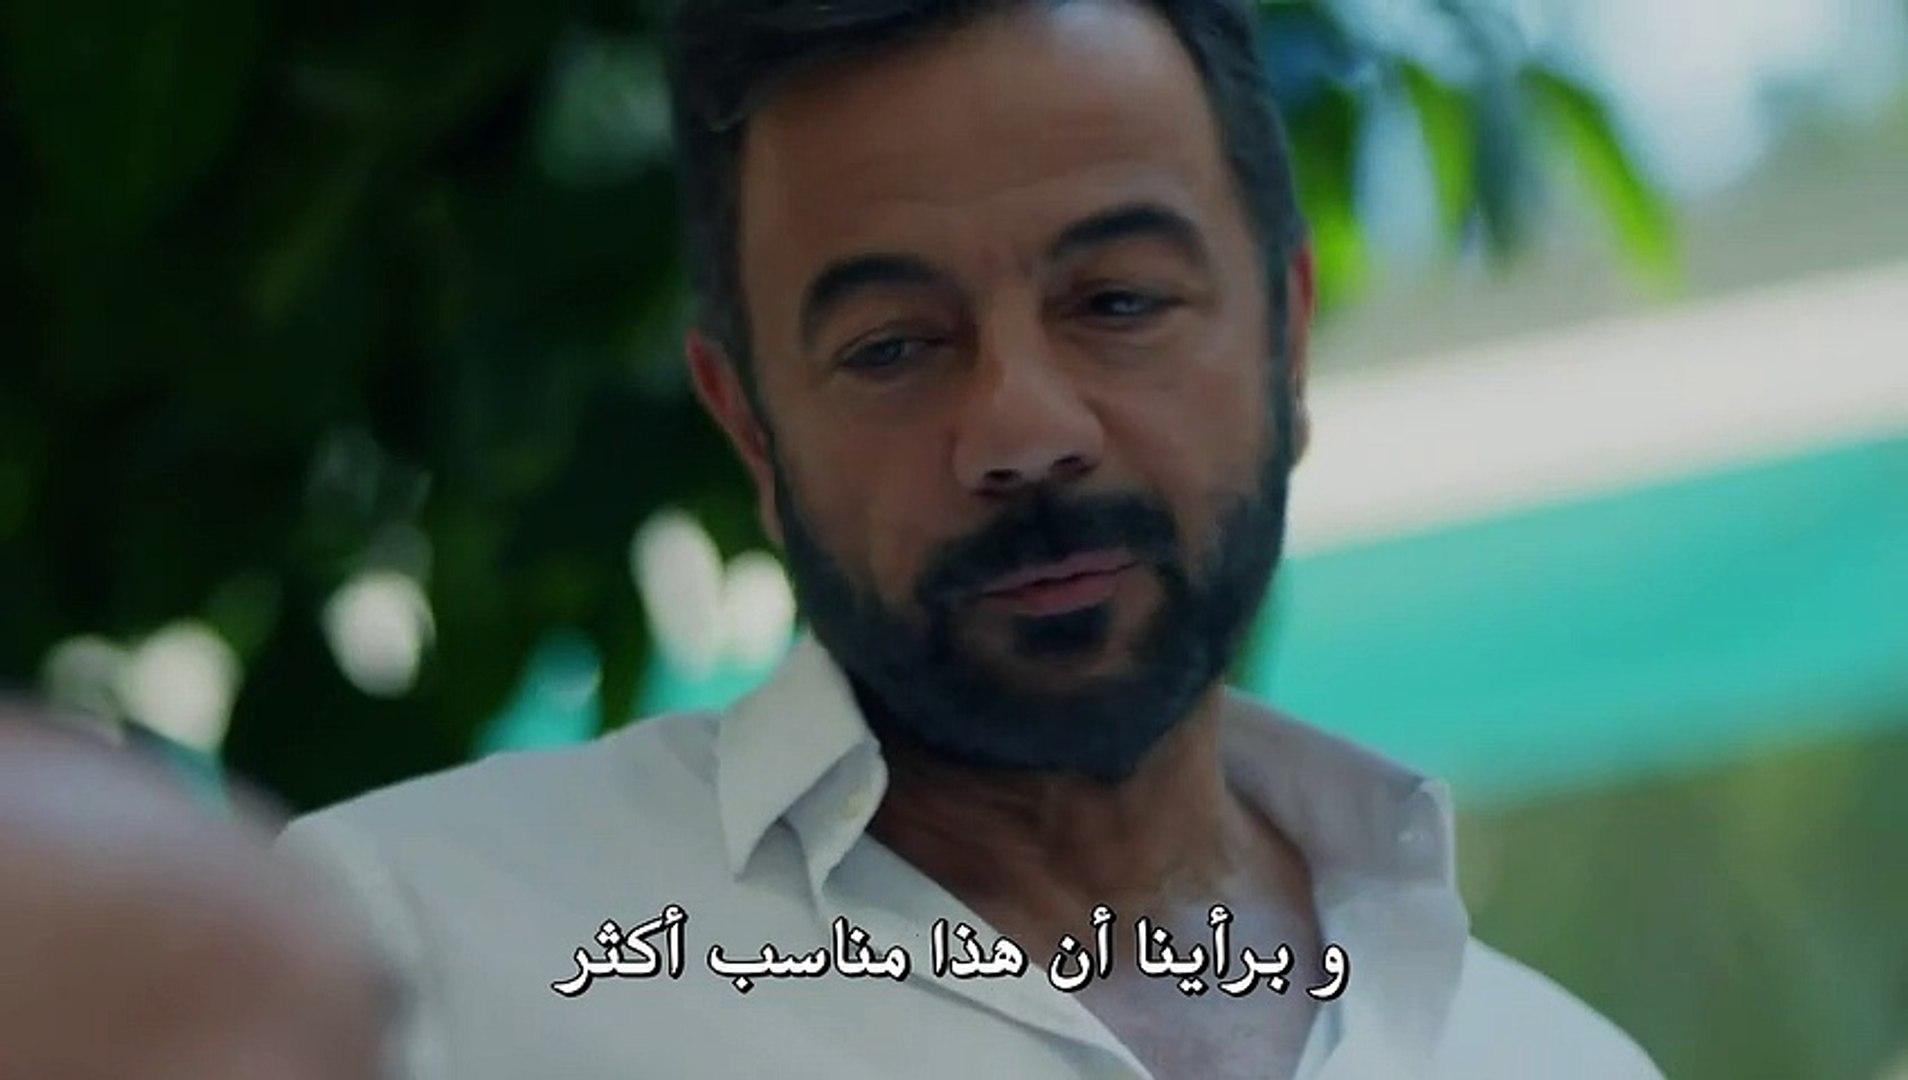 مسلسل حب أعمى 2 الموسم الثاني مترجم للعربية الحلقة 39 الأخيرة